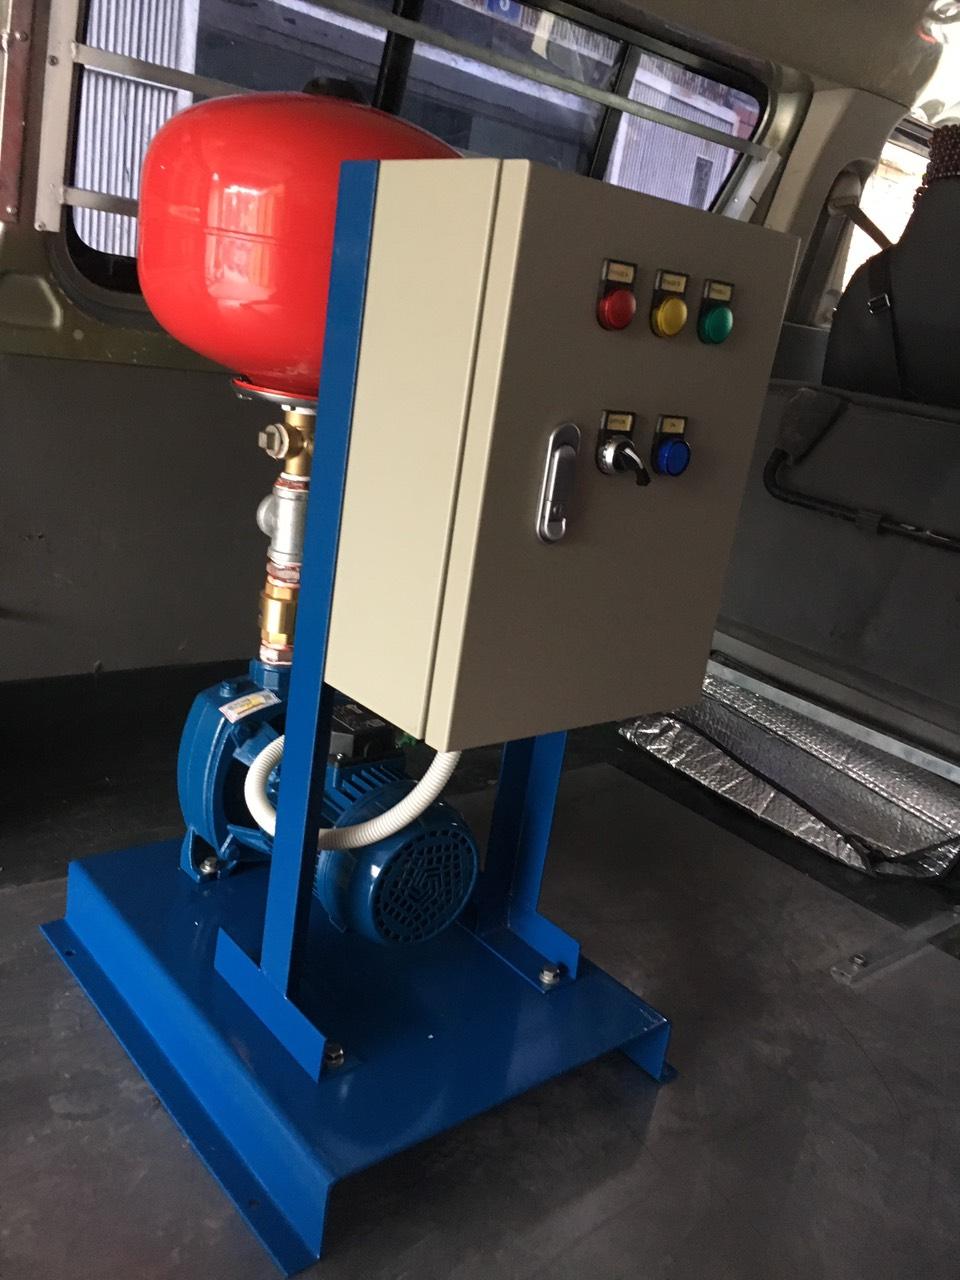 Lắp đặt máy bơm công nghiệp Pextax Lắp đặt máy bơm công nghiệp Pextax CM32-160B